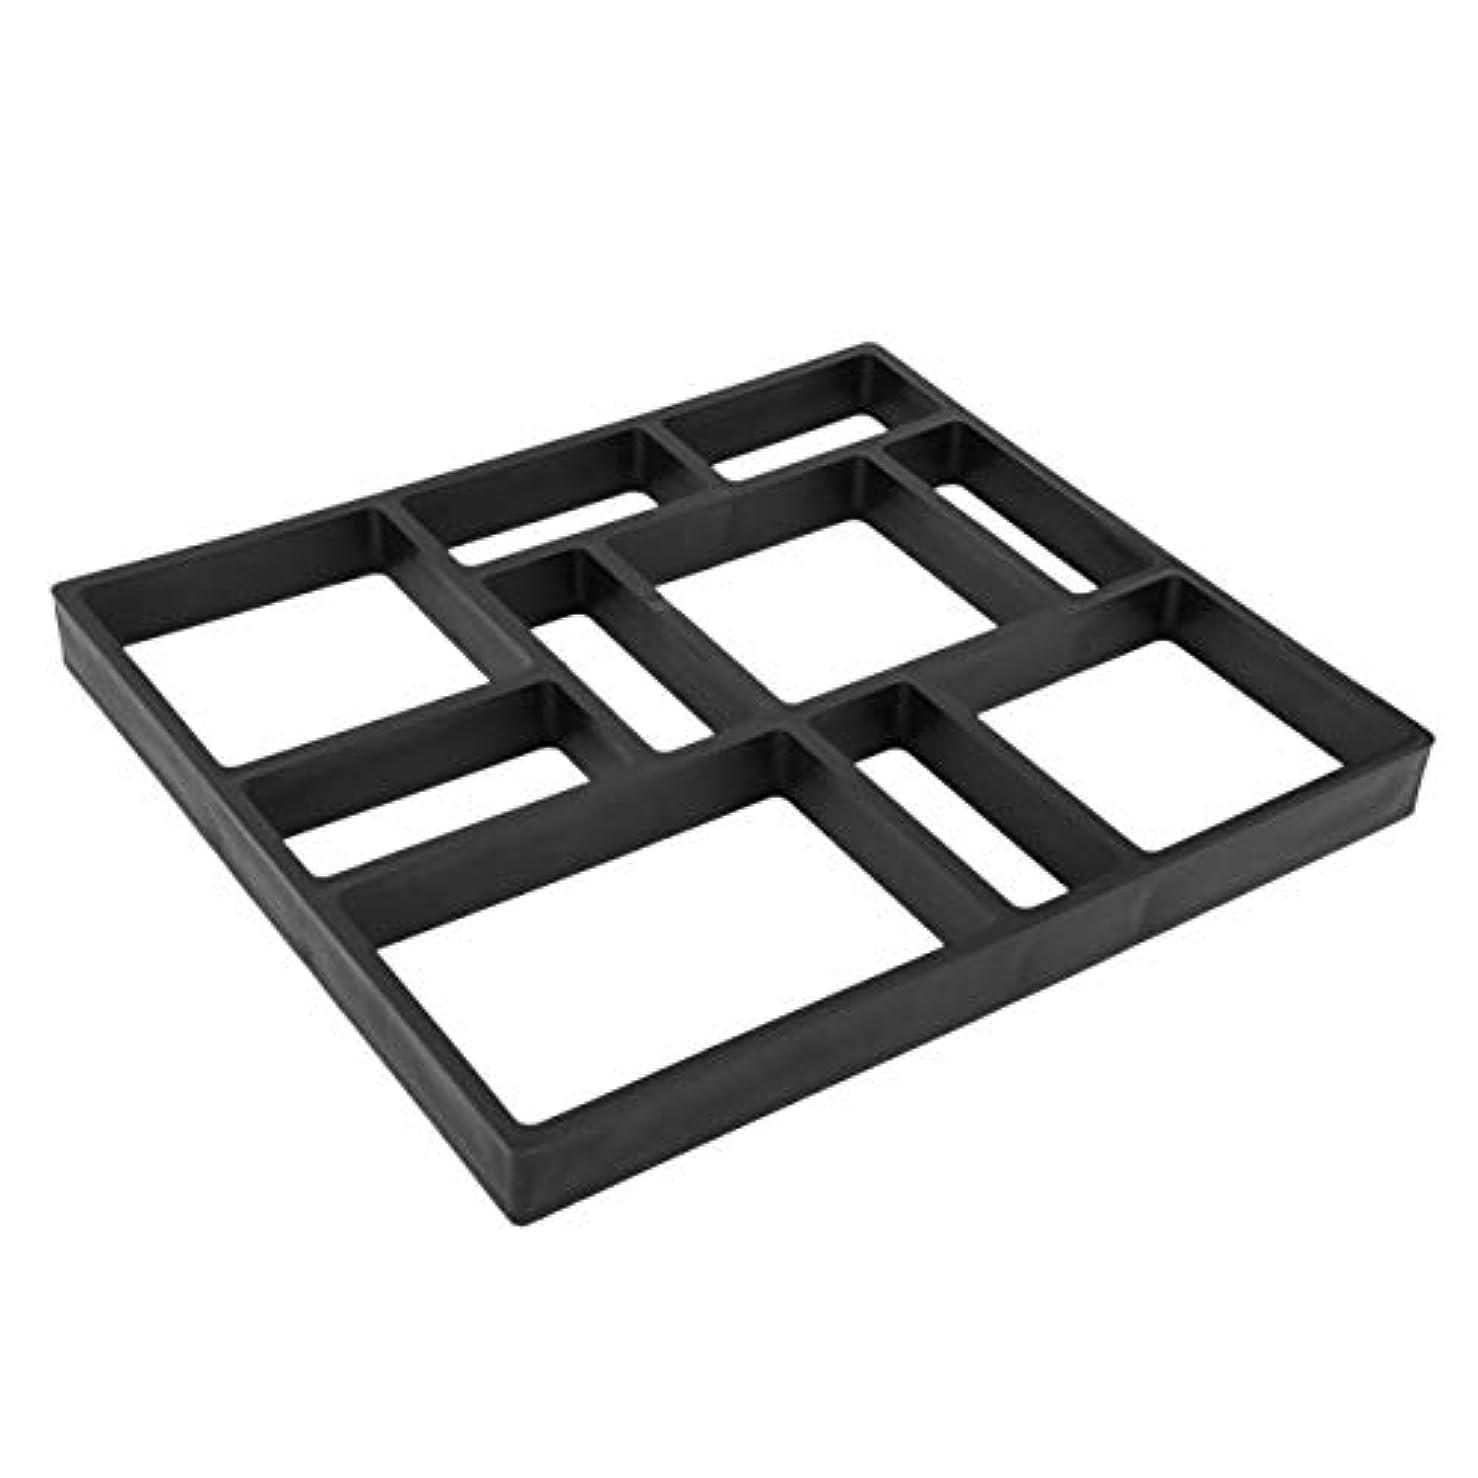 ローブ利点周りSaikogoods DIY不規則な/矩形パターンパーソナライズされた舗装のコンクリートレンガ石屋外装飾庭パスのメーカー芝生 黒